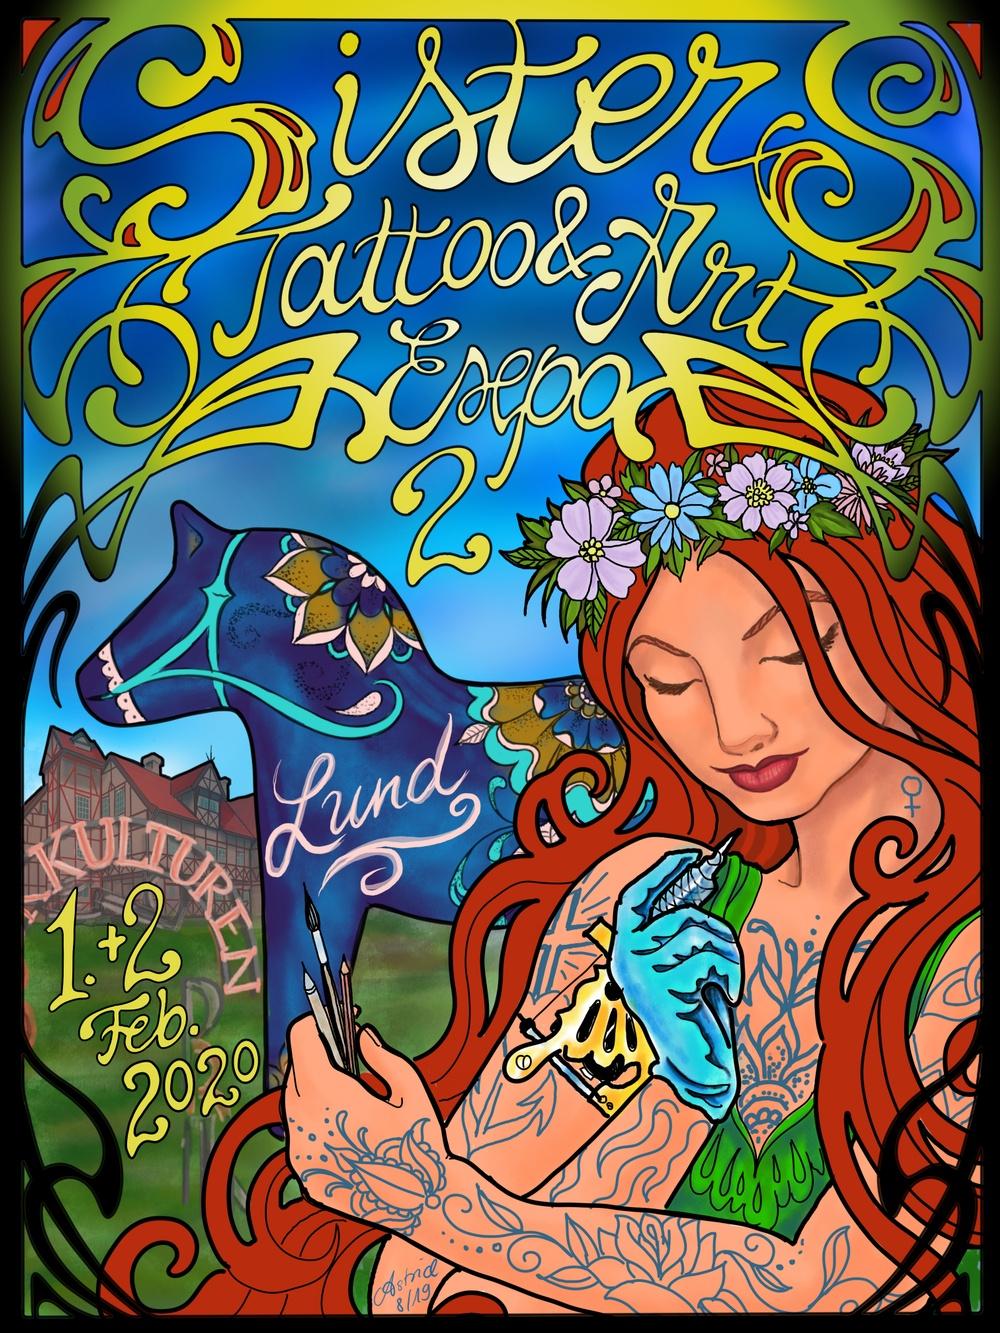 Poster för Sisters Tattoo & Art Expo 2020.  Illustration: Astrid Zschorsch, tatuerare från Frankfurt.